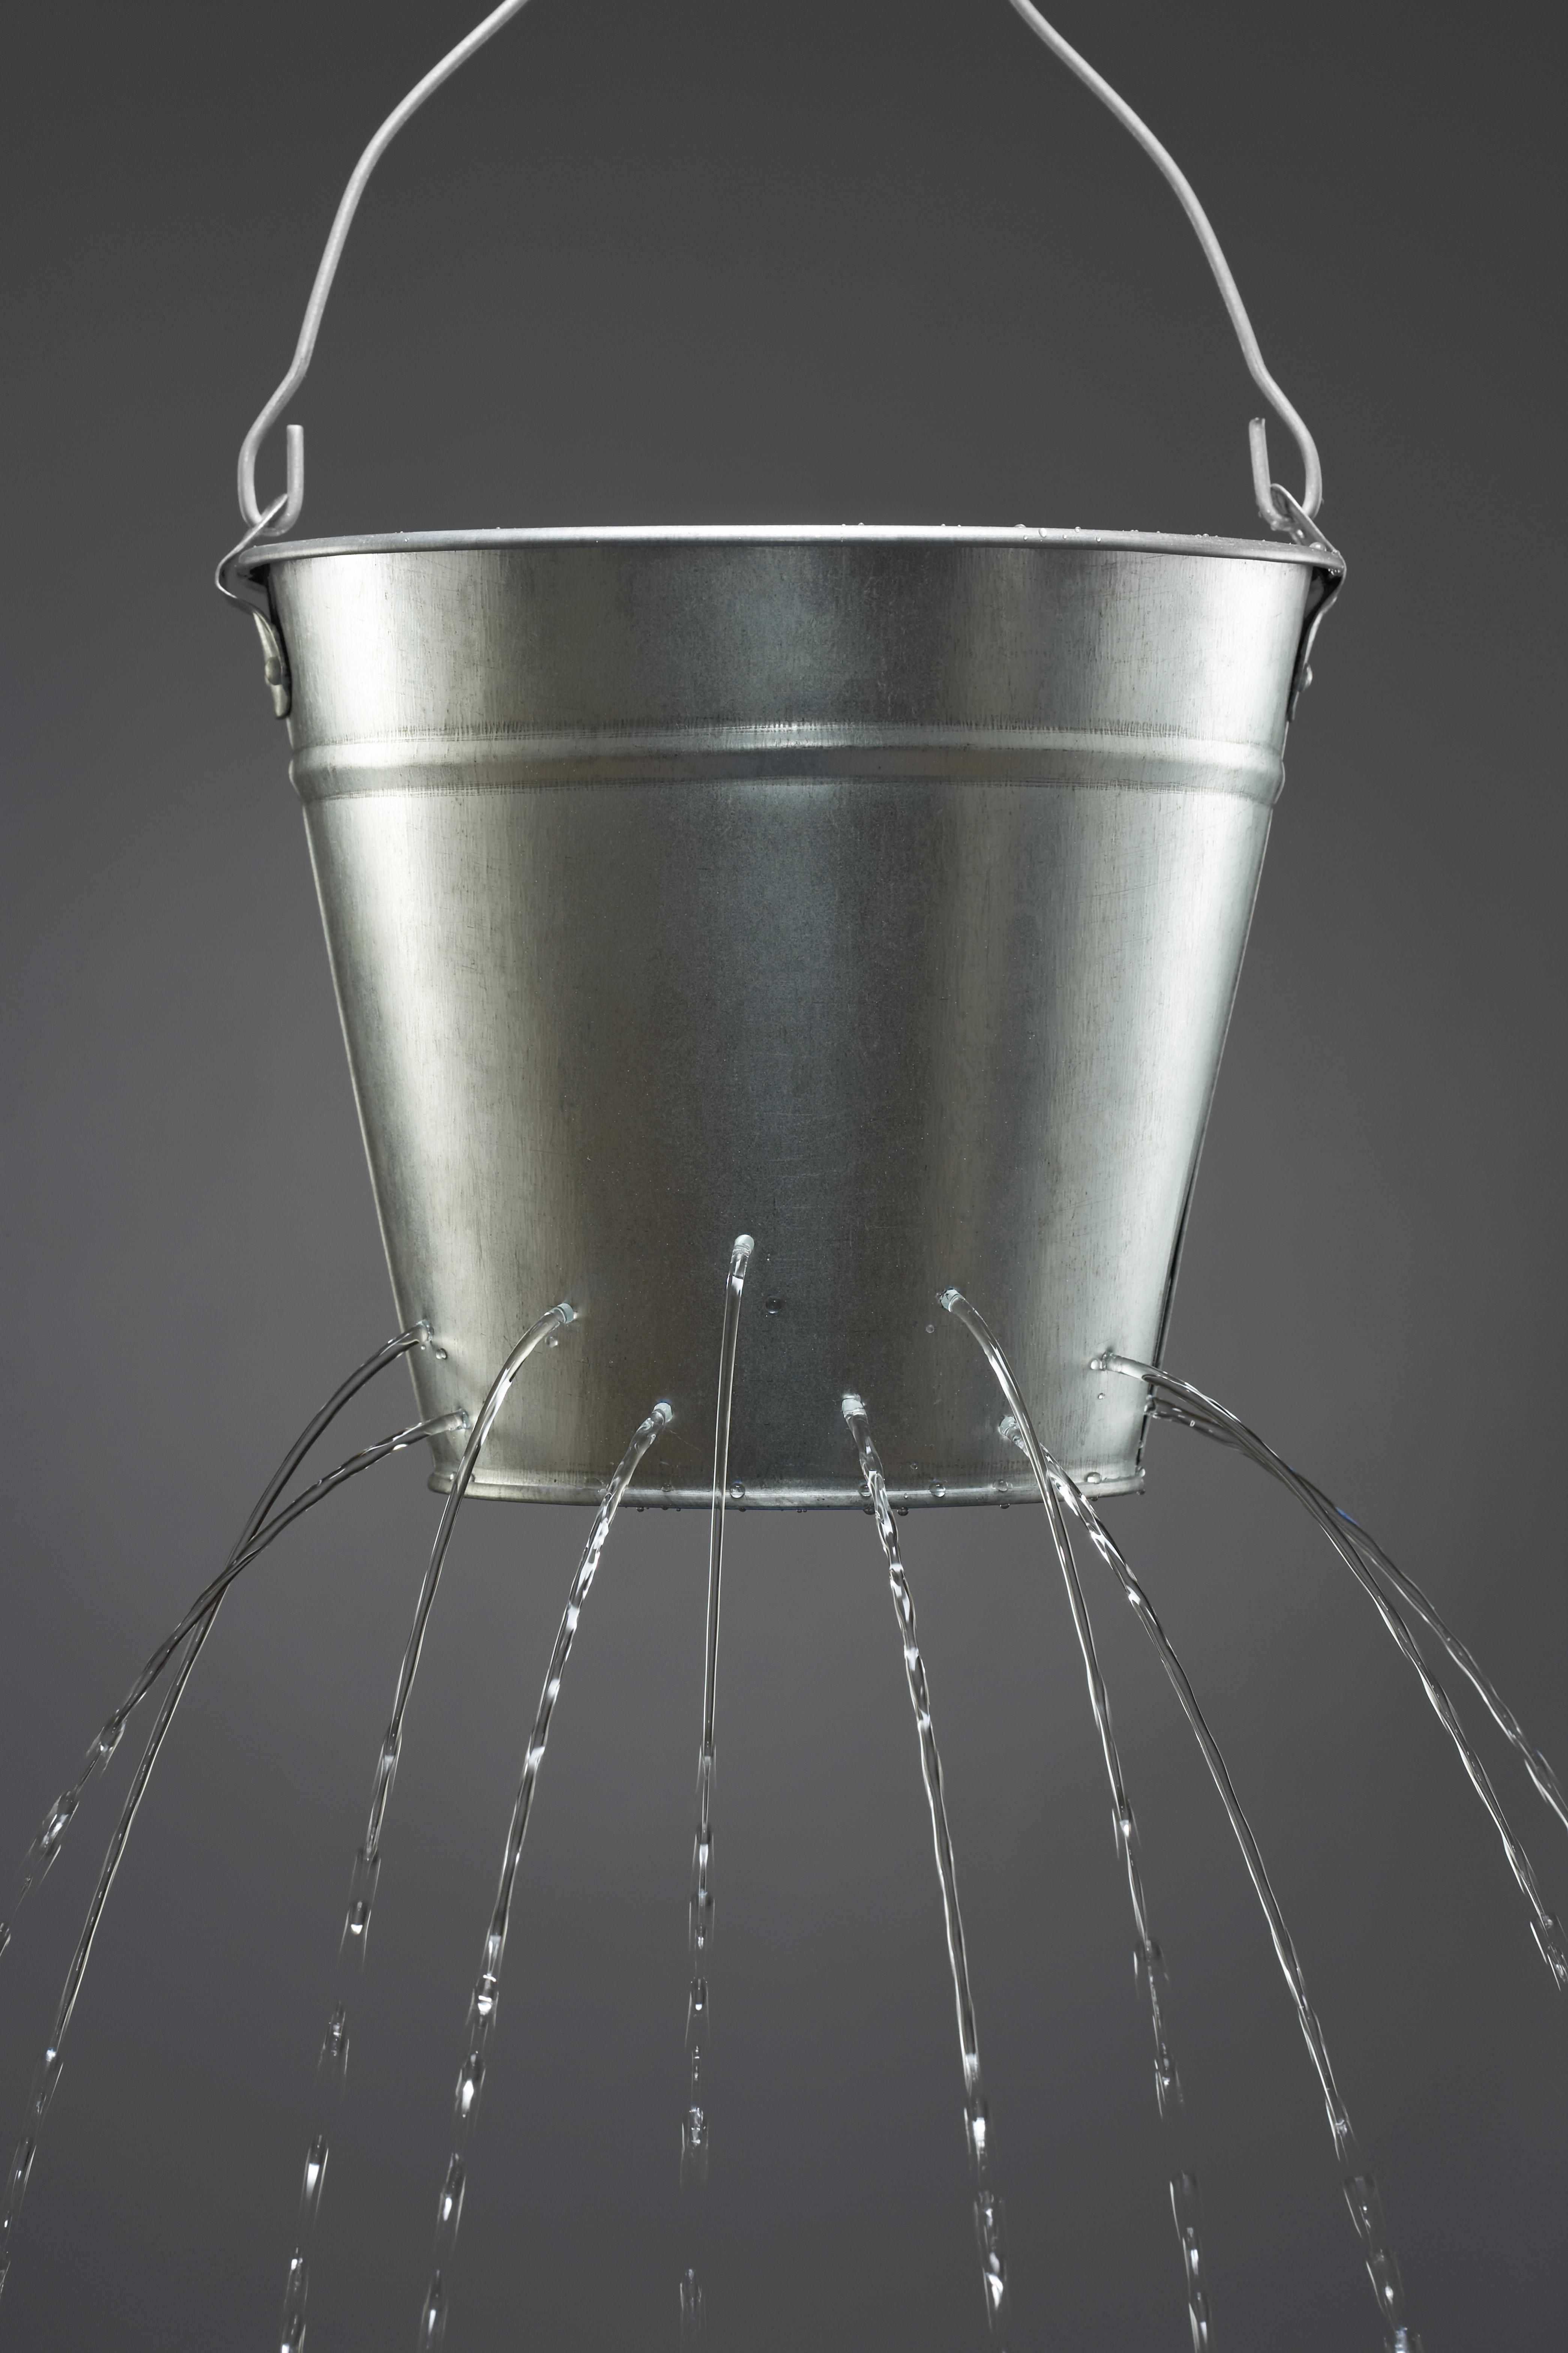 draining bucket